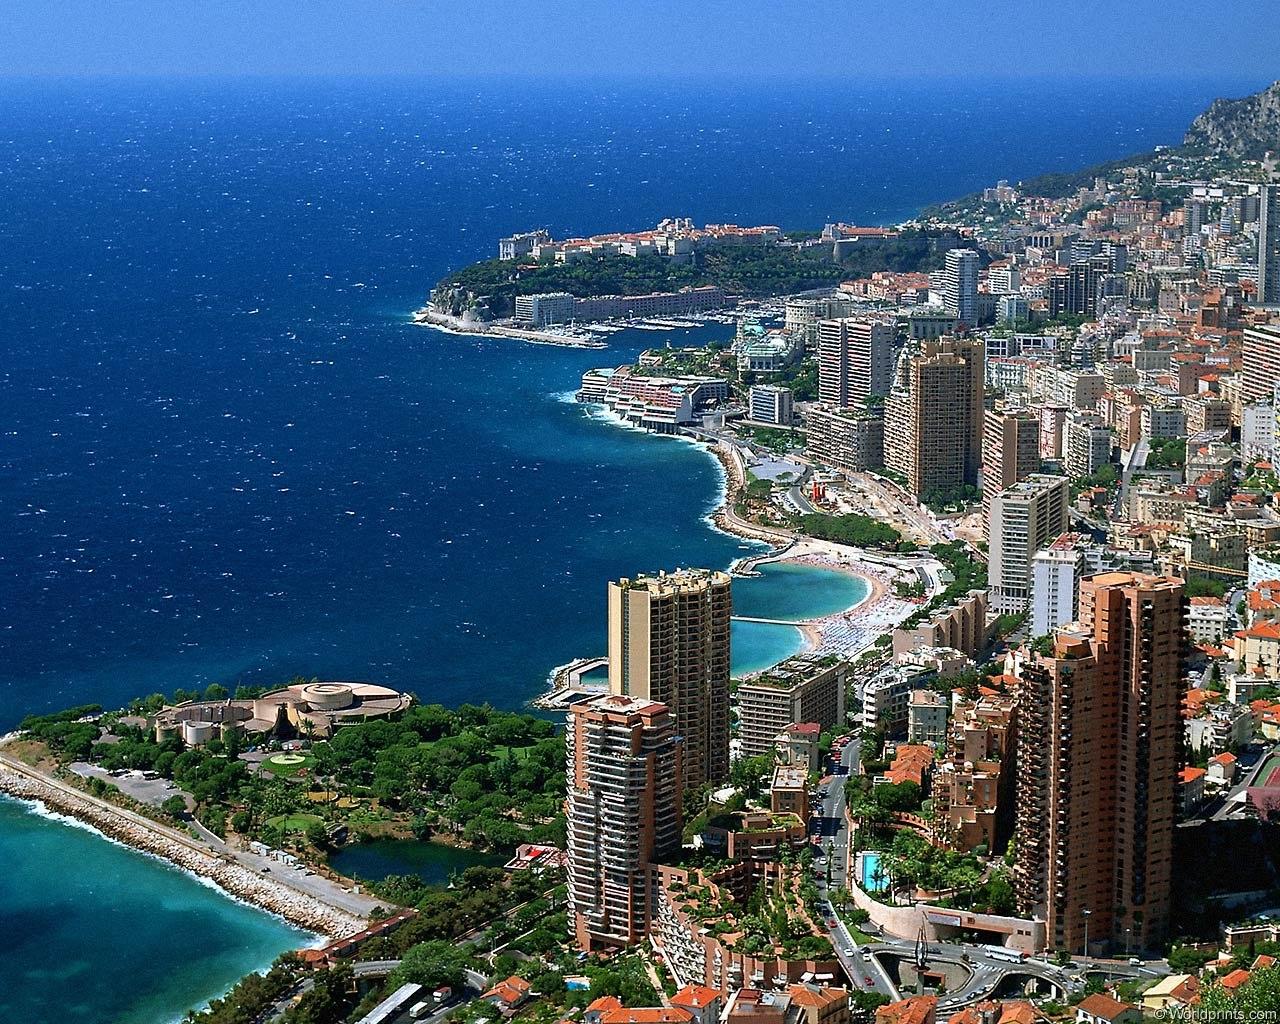 Monaco - Page 11 YG4L6vUtxBE